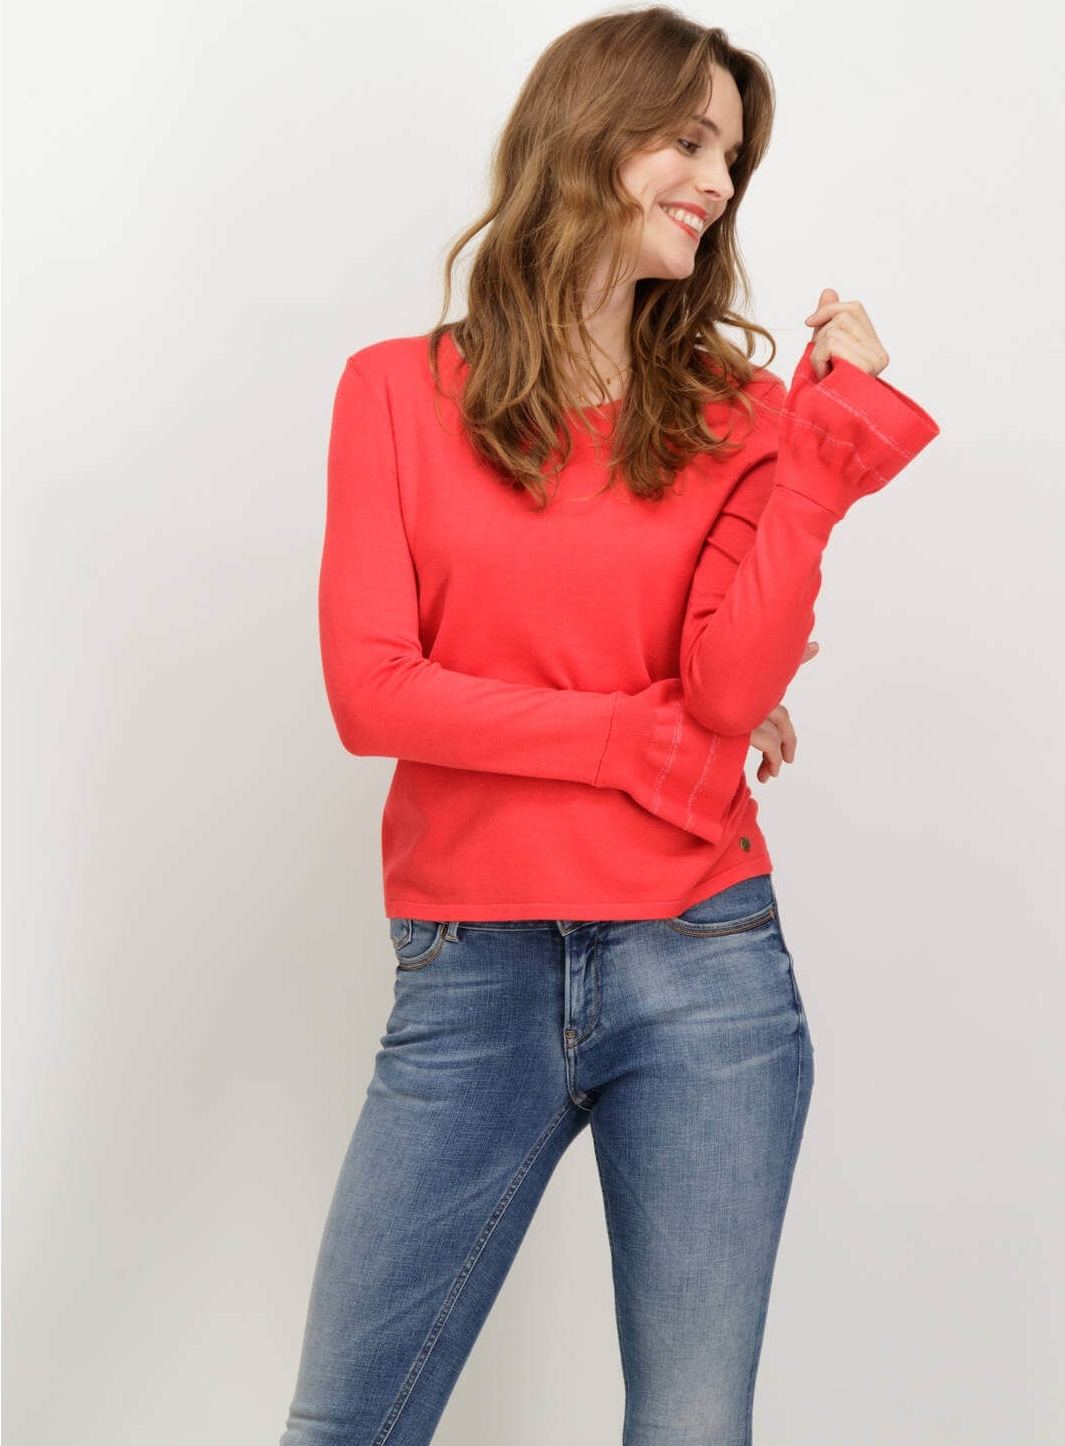 3a8ac88dc Camisola vermelha com gola redonda de mulher da Grcia jeans ...